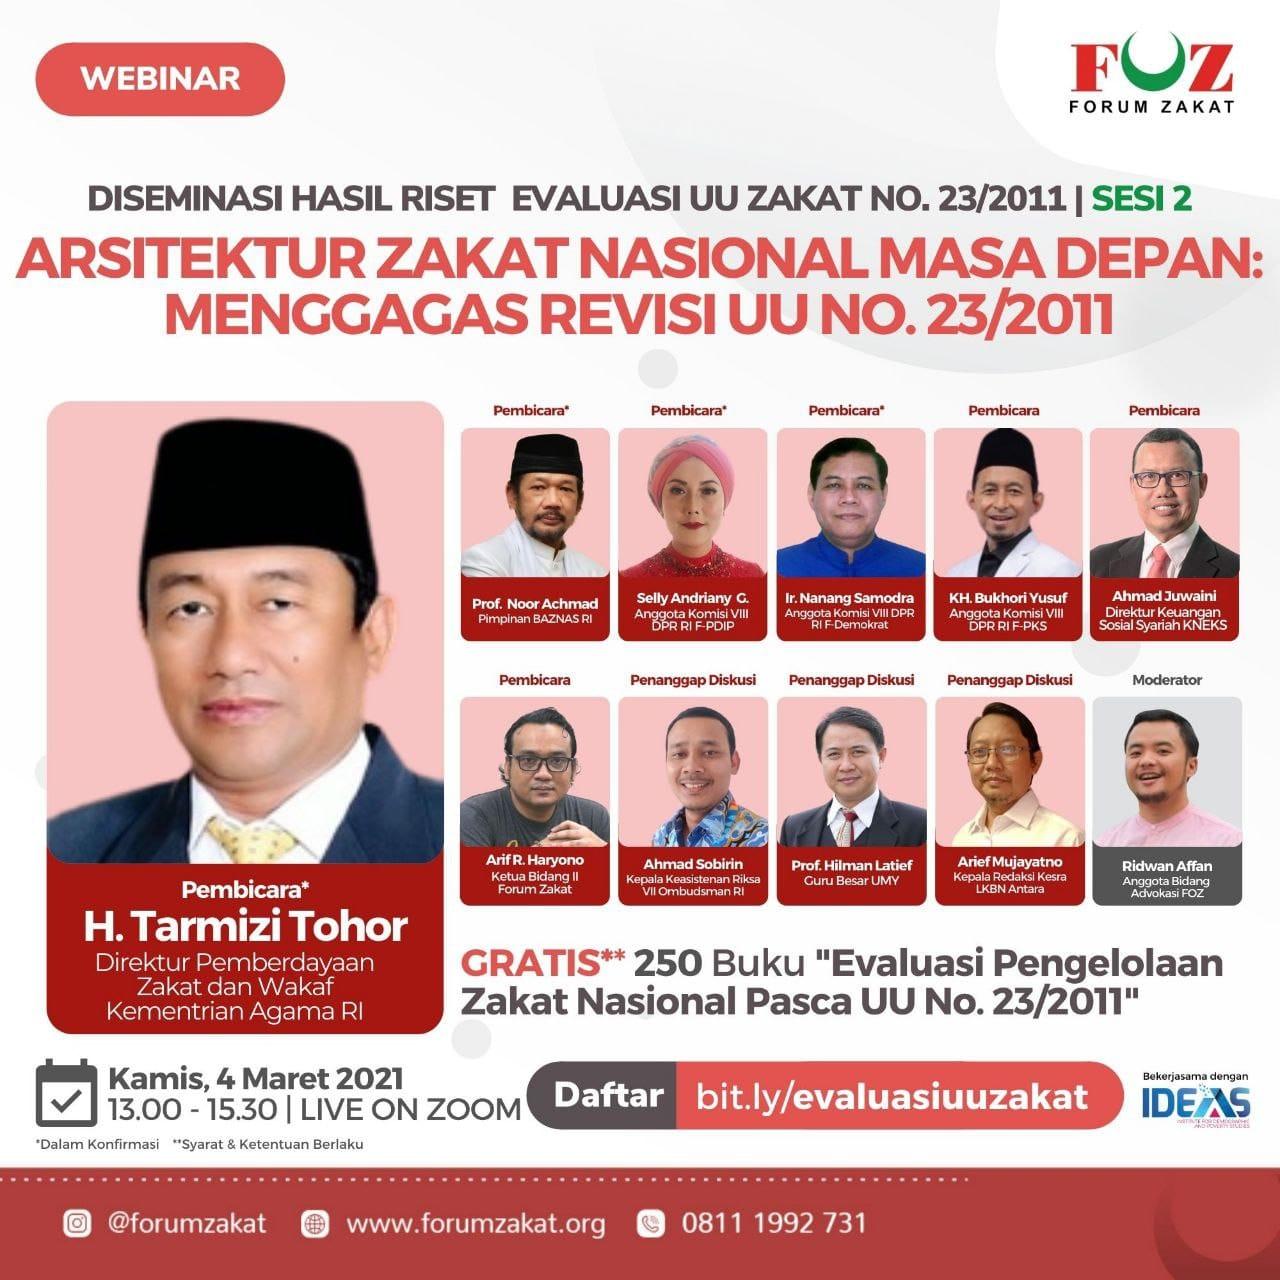 Diseminasi Hasil Riset Evaluasi UU Zakat No. 23/2011 (Sesi 2)